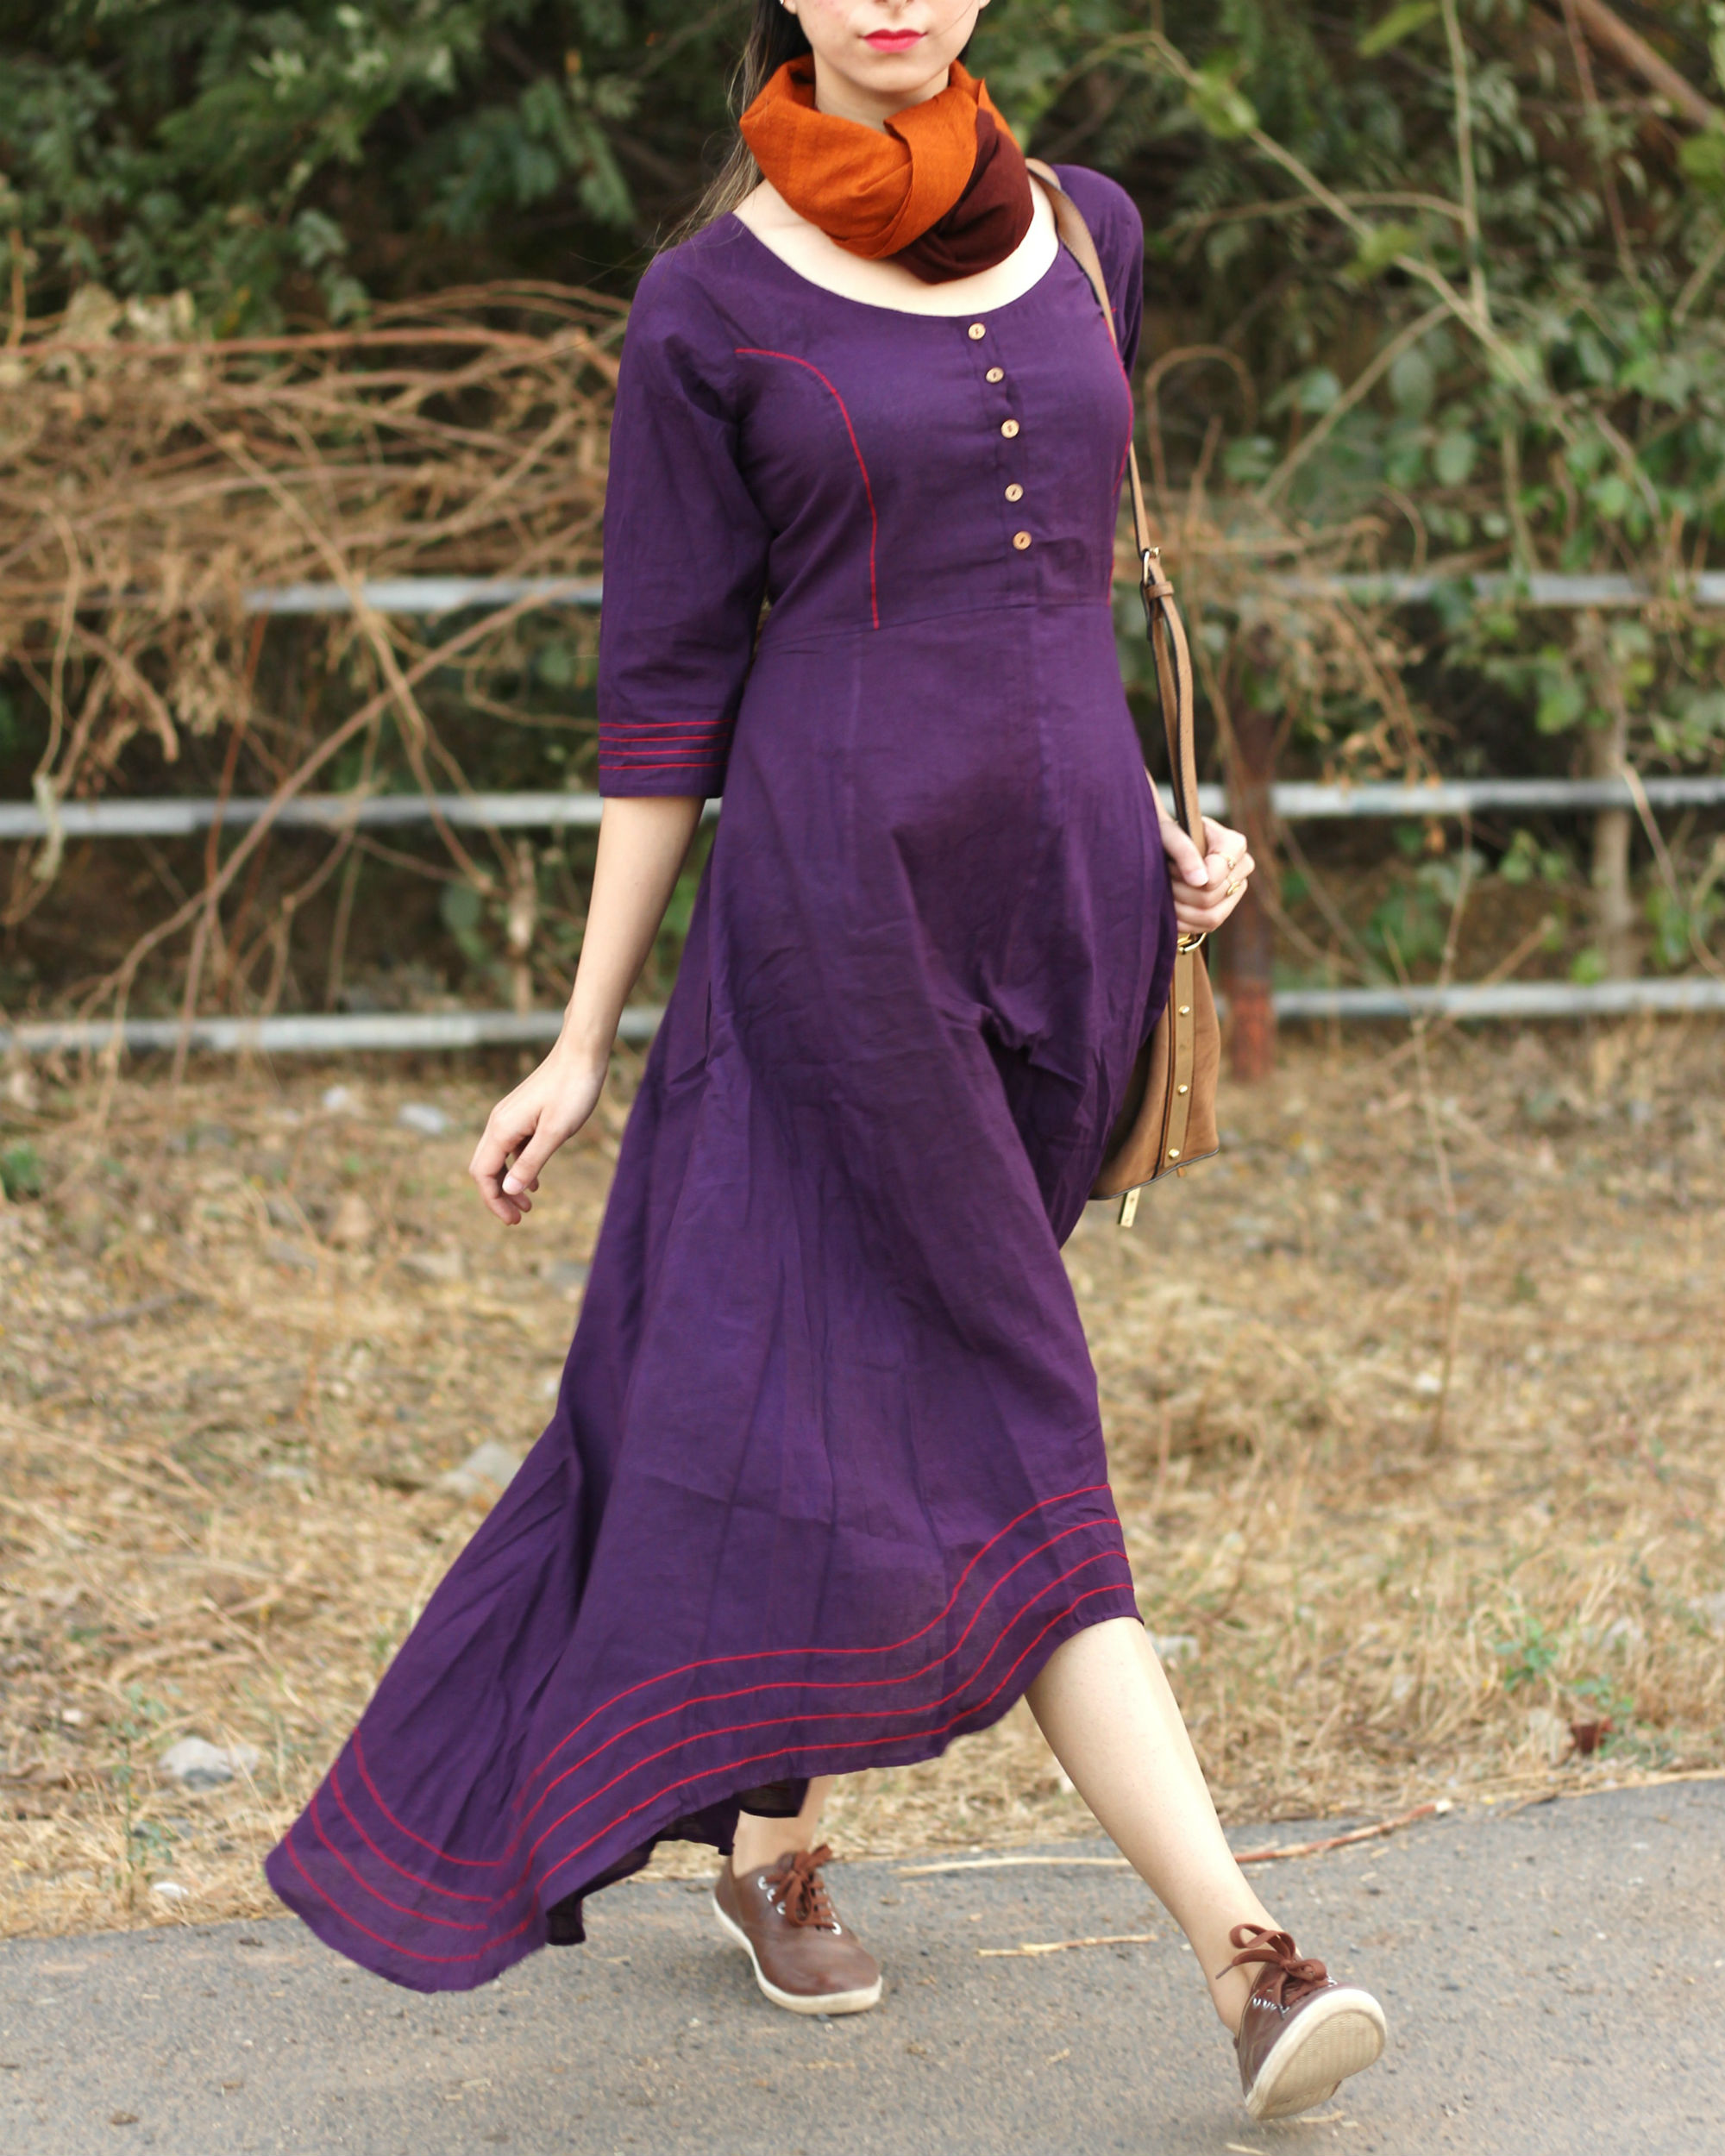 Purple lopsided dress